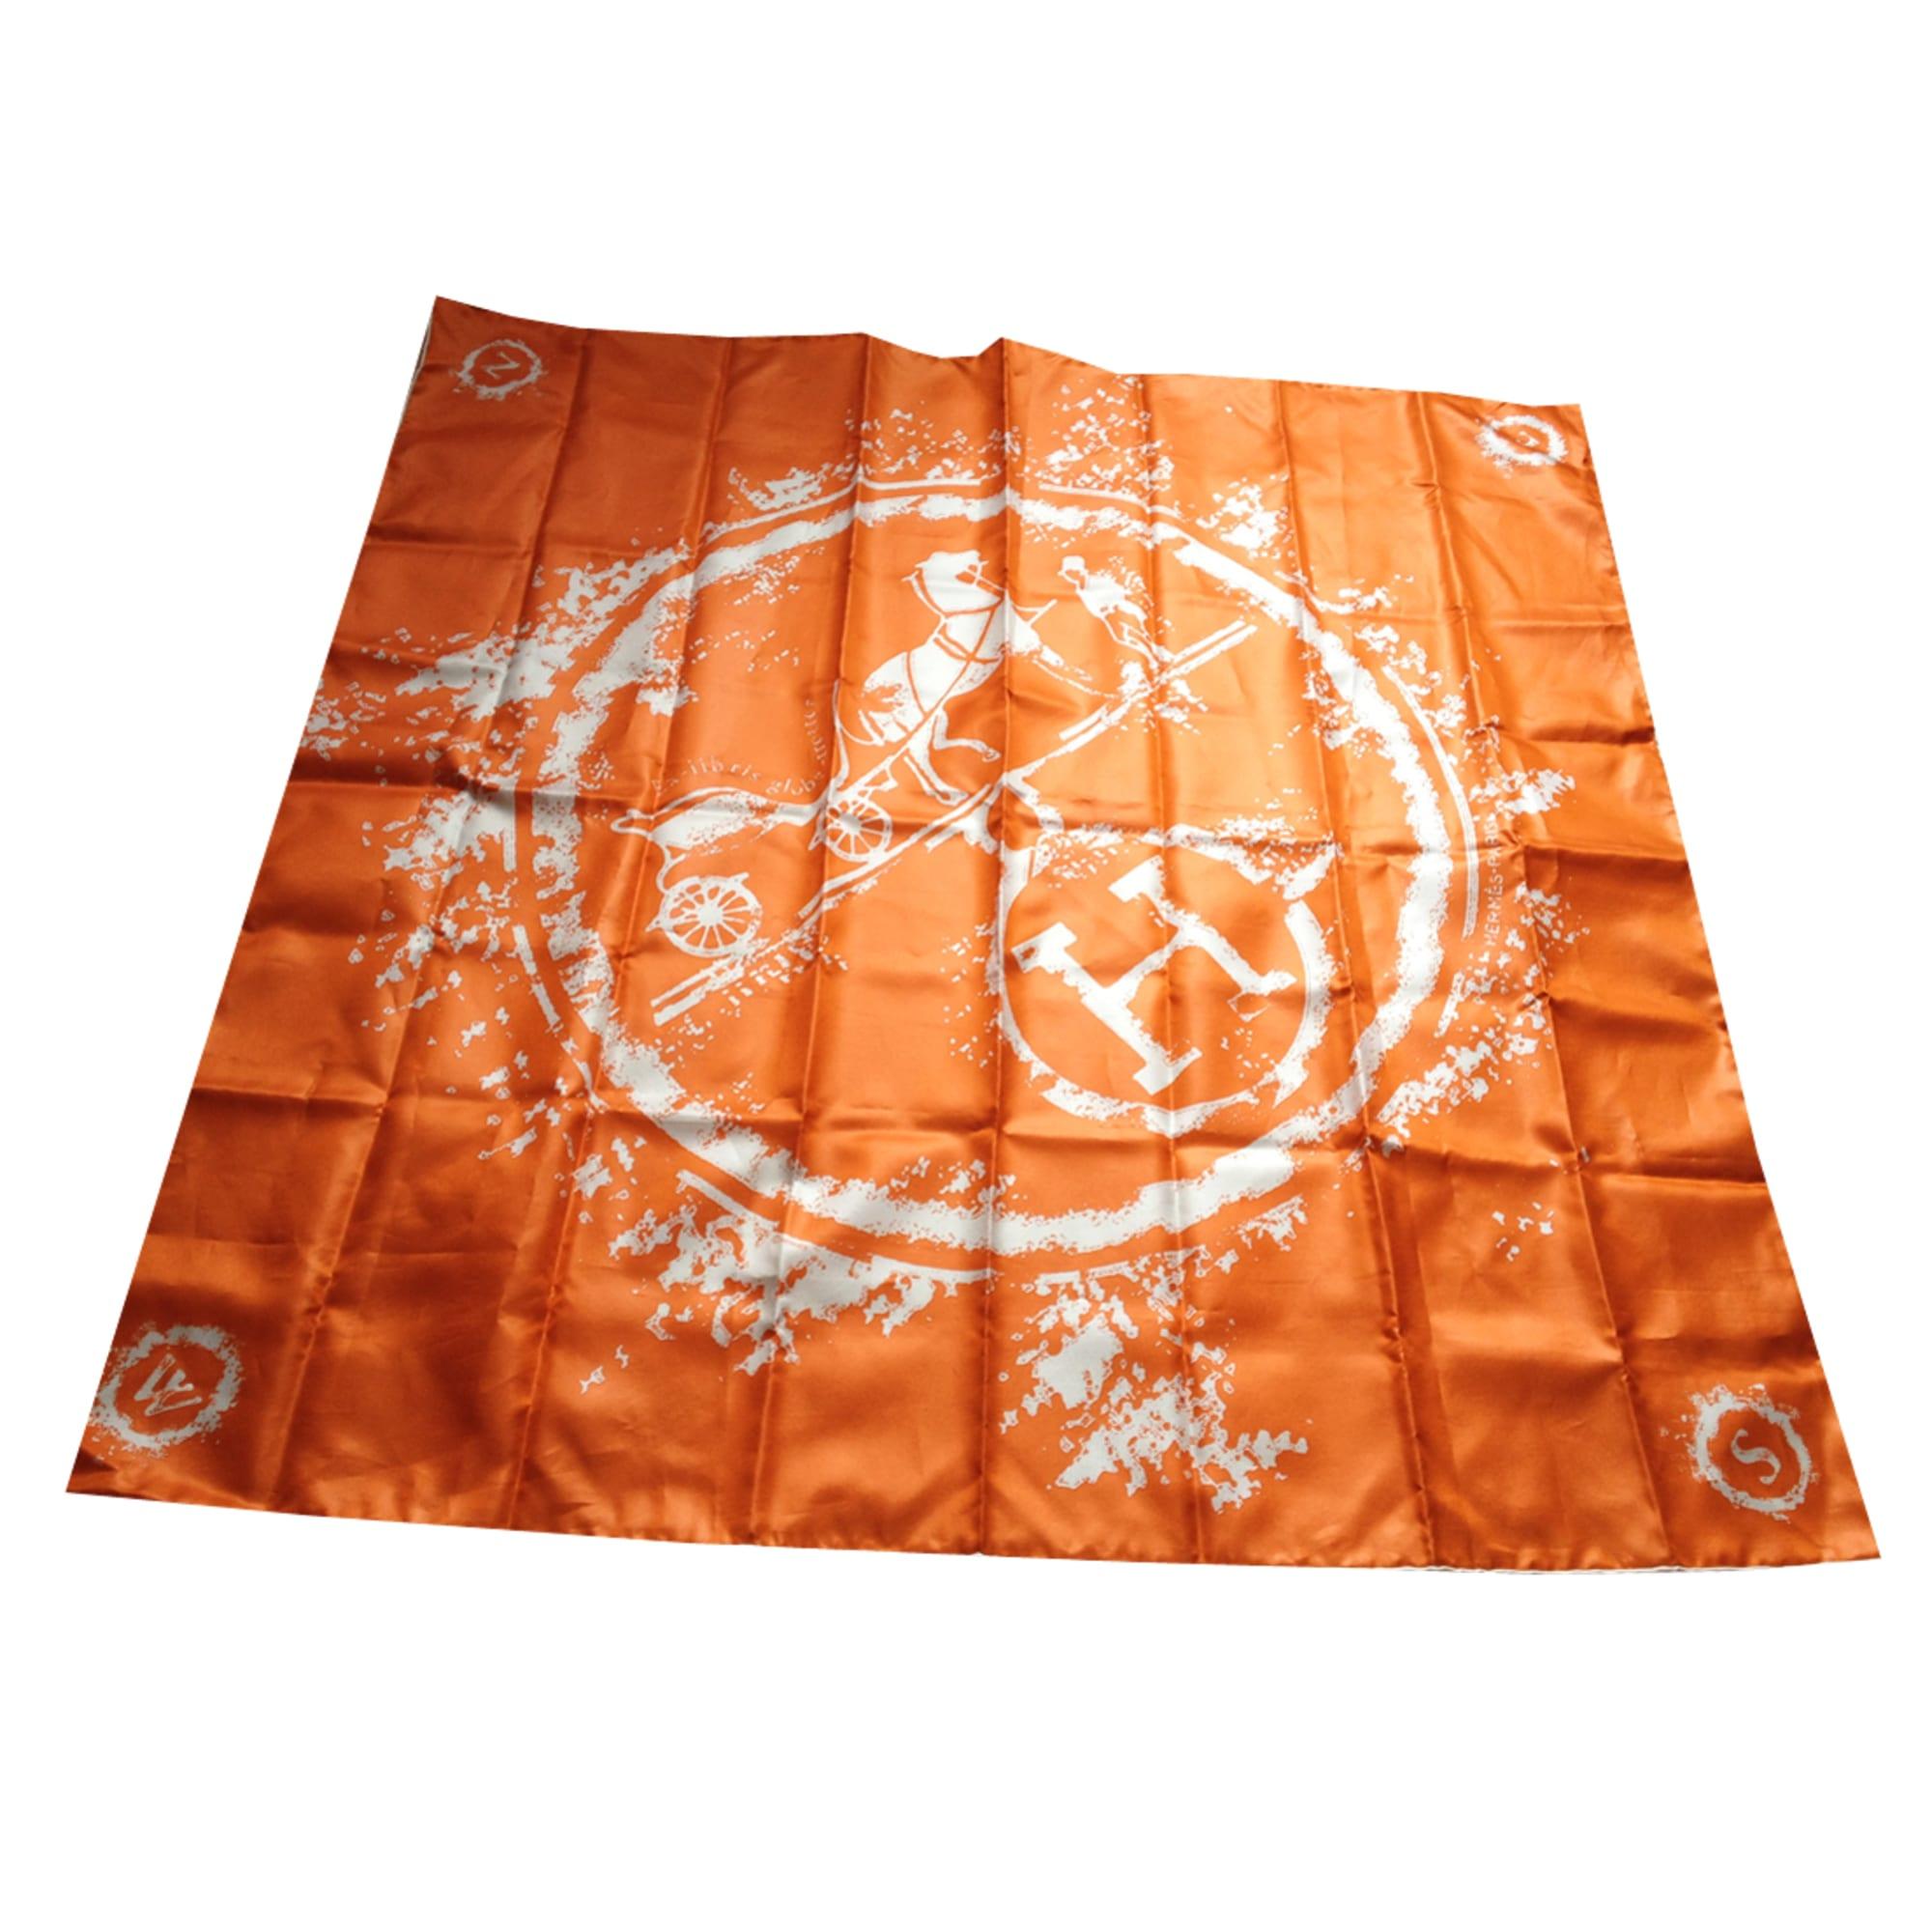 80ce90d695f Foulard HERMÈS orange vendu par Delphine 75 - 1164957